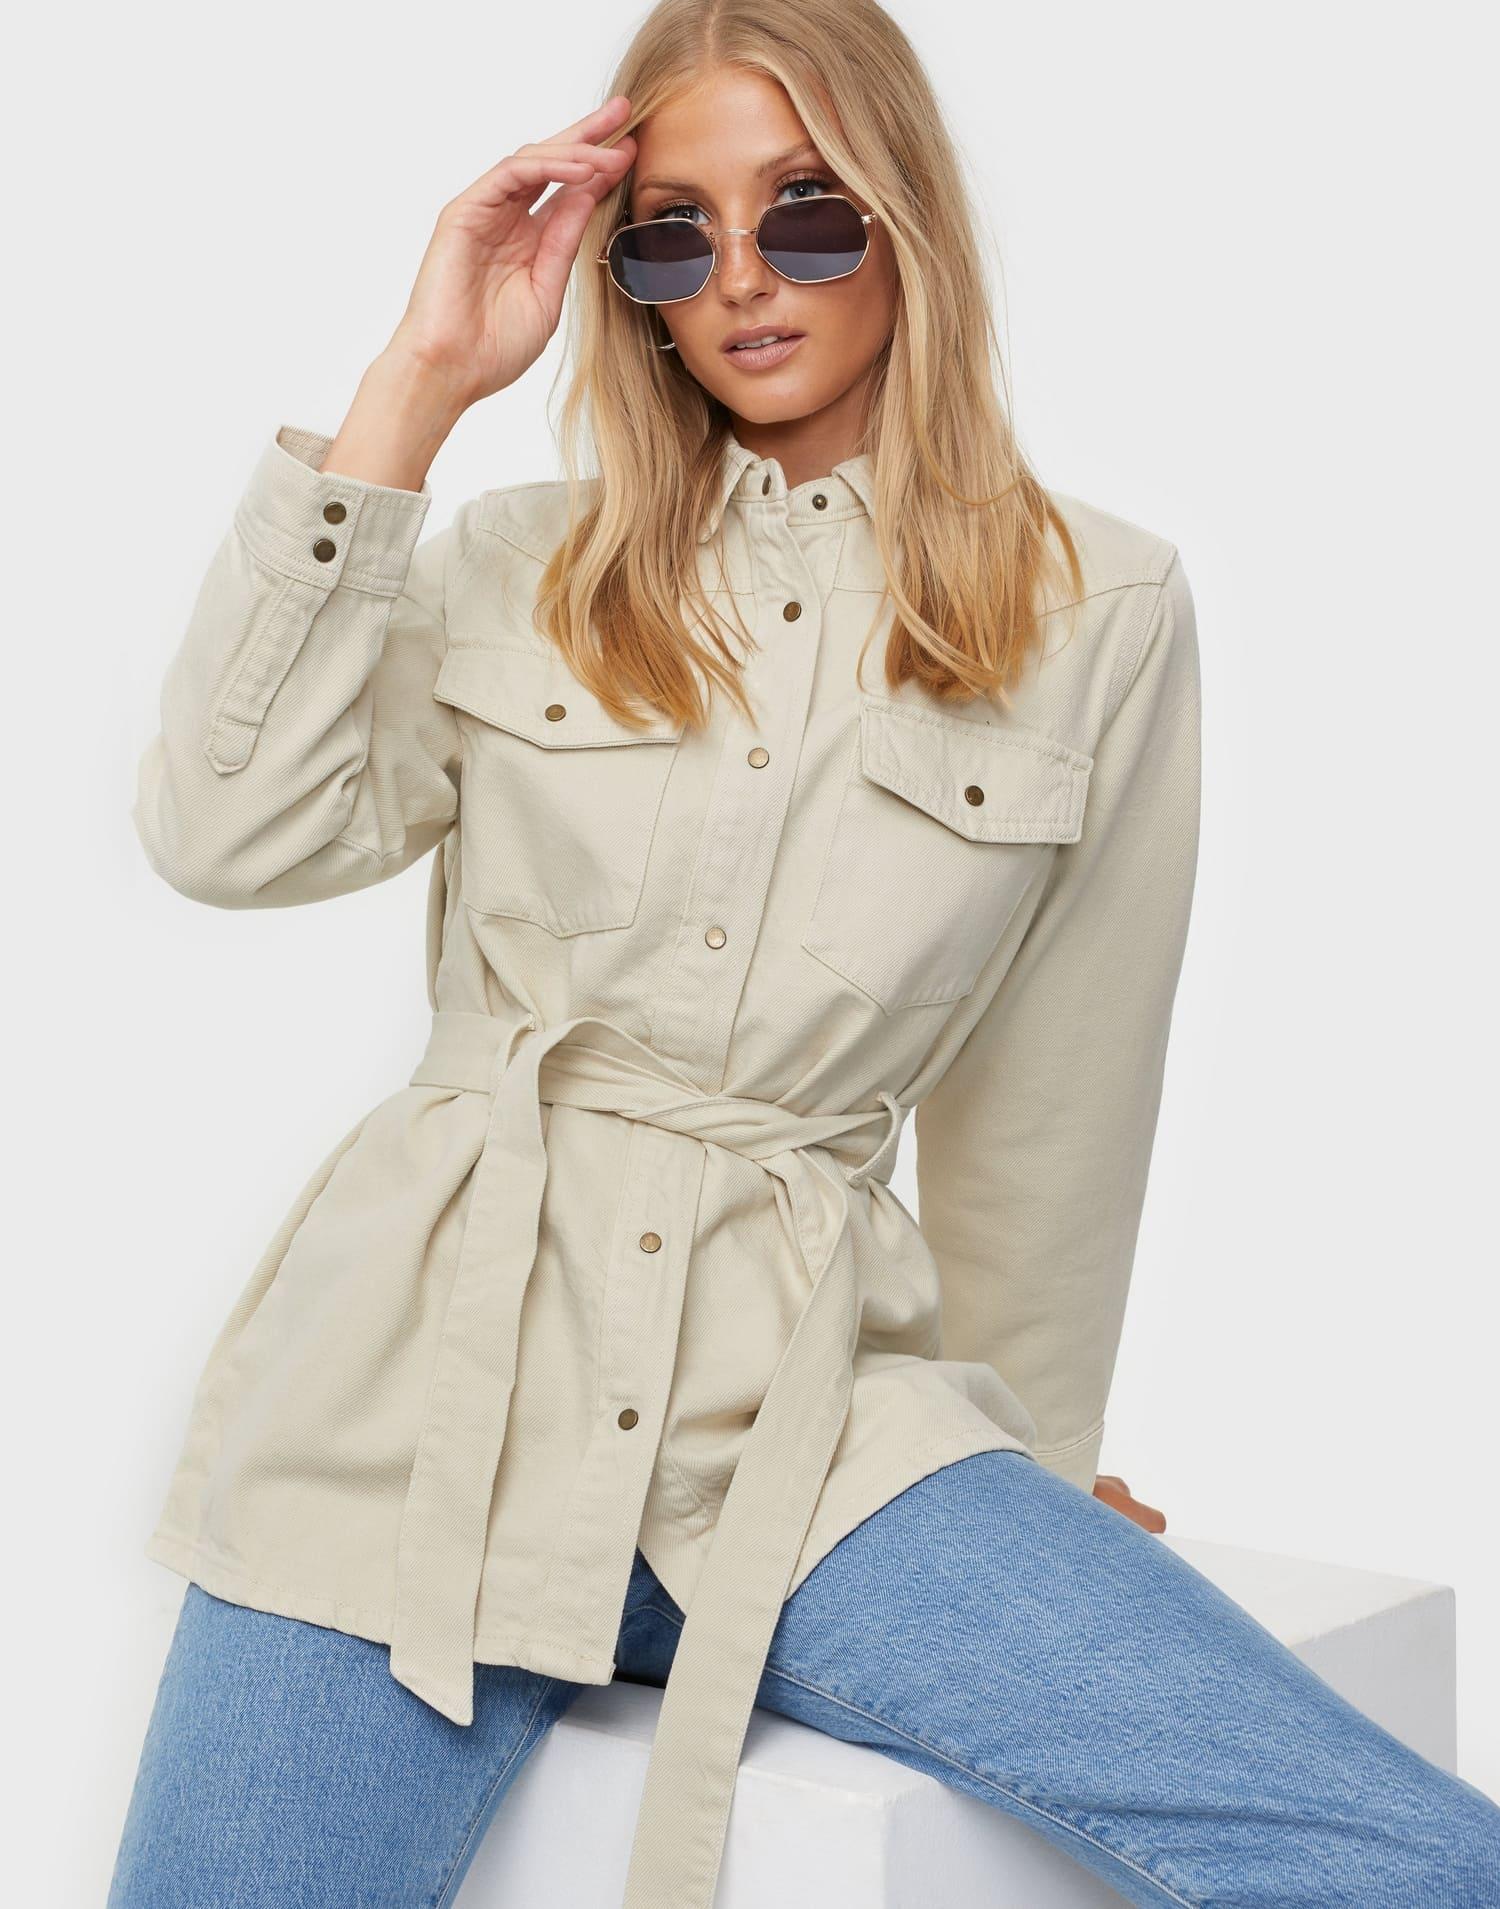 Jeansjacka för dam med skärp